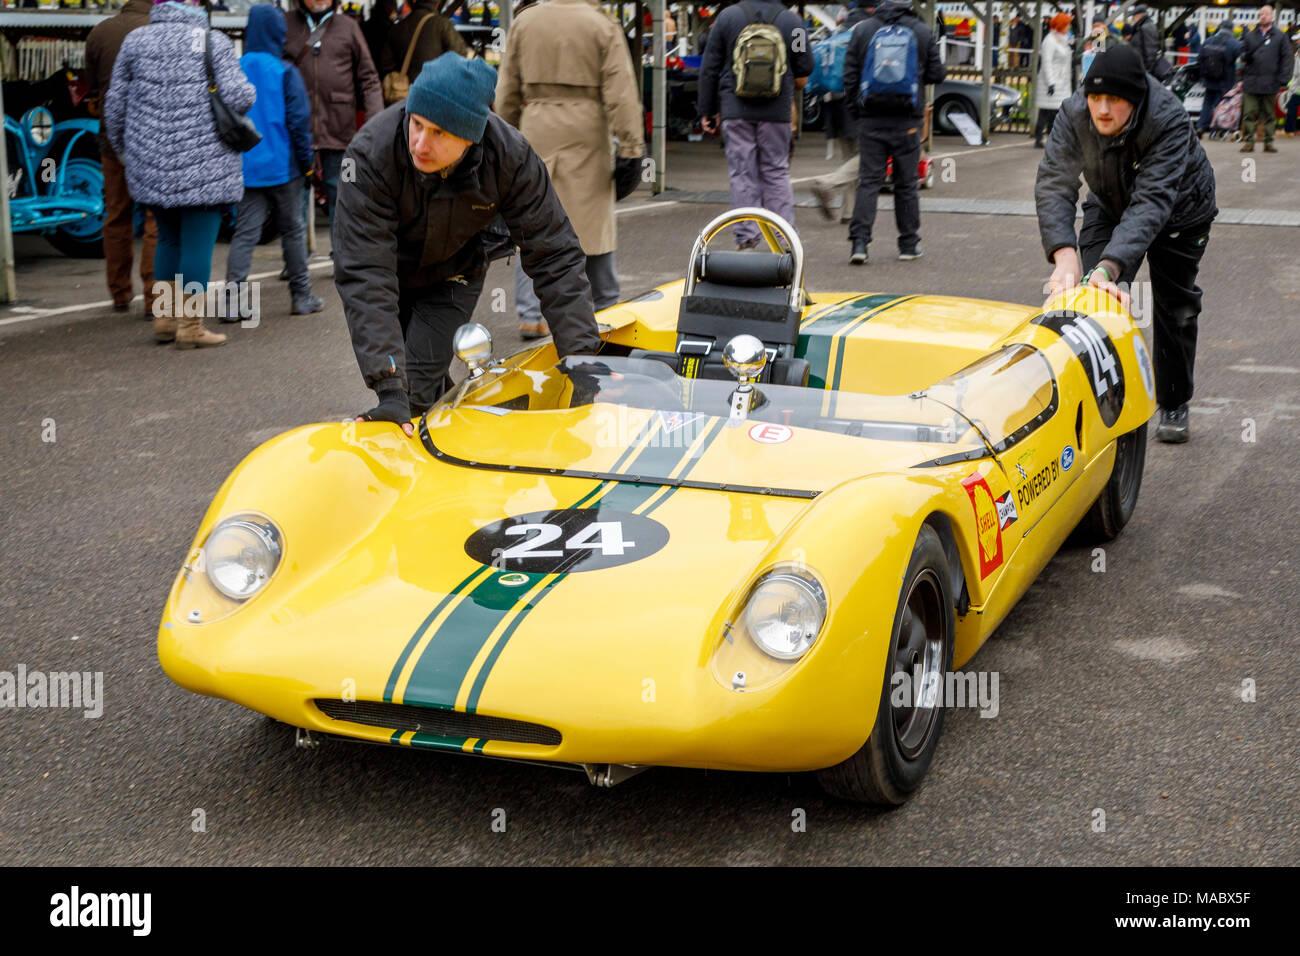 1963 Lotus-Ford 23 B von Michael Gans ist durch das Fahrerlager vor dem Gurney Cup Rennen in Goodwood 76th Mitgliederversammlung, Sussex, UK geschoben. Stockbild